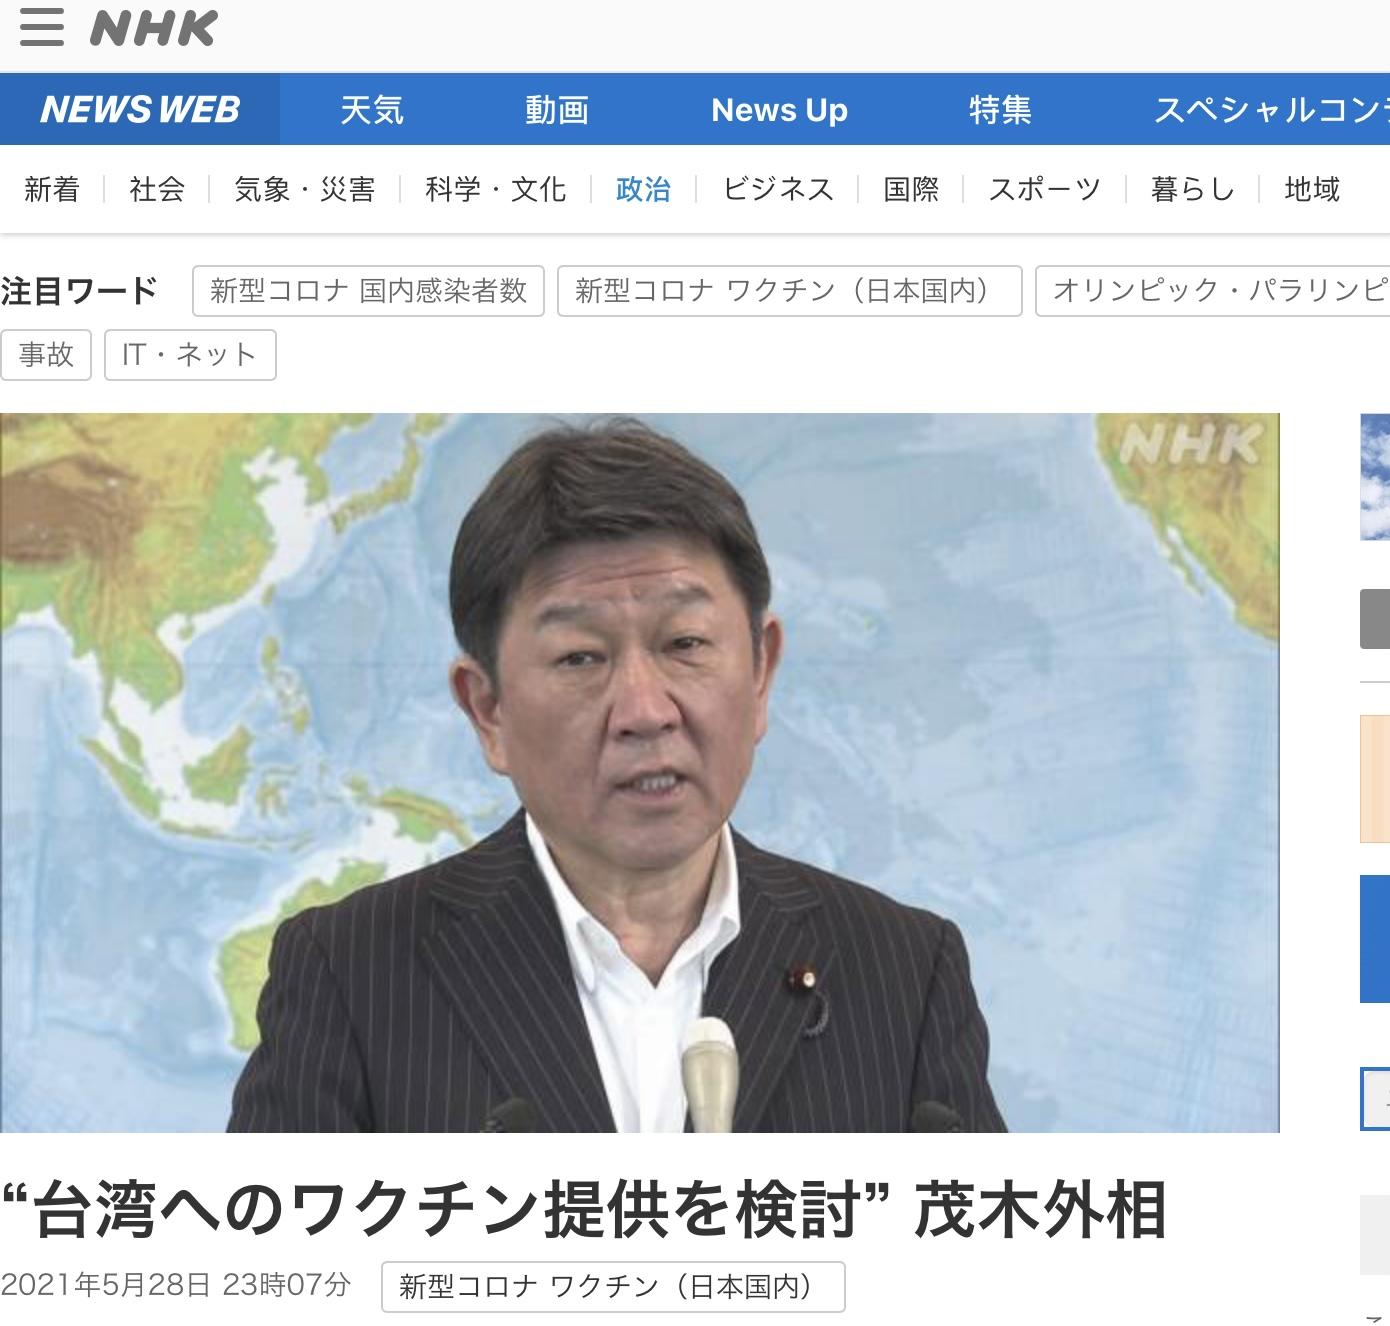 日本外相茂木這次硬起來,也可挽回上次被王毅打臉而不敢反駁的形象。 圖 : 翻攝自NHK網頁